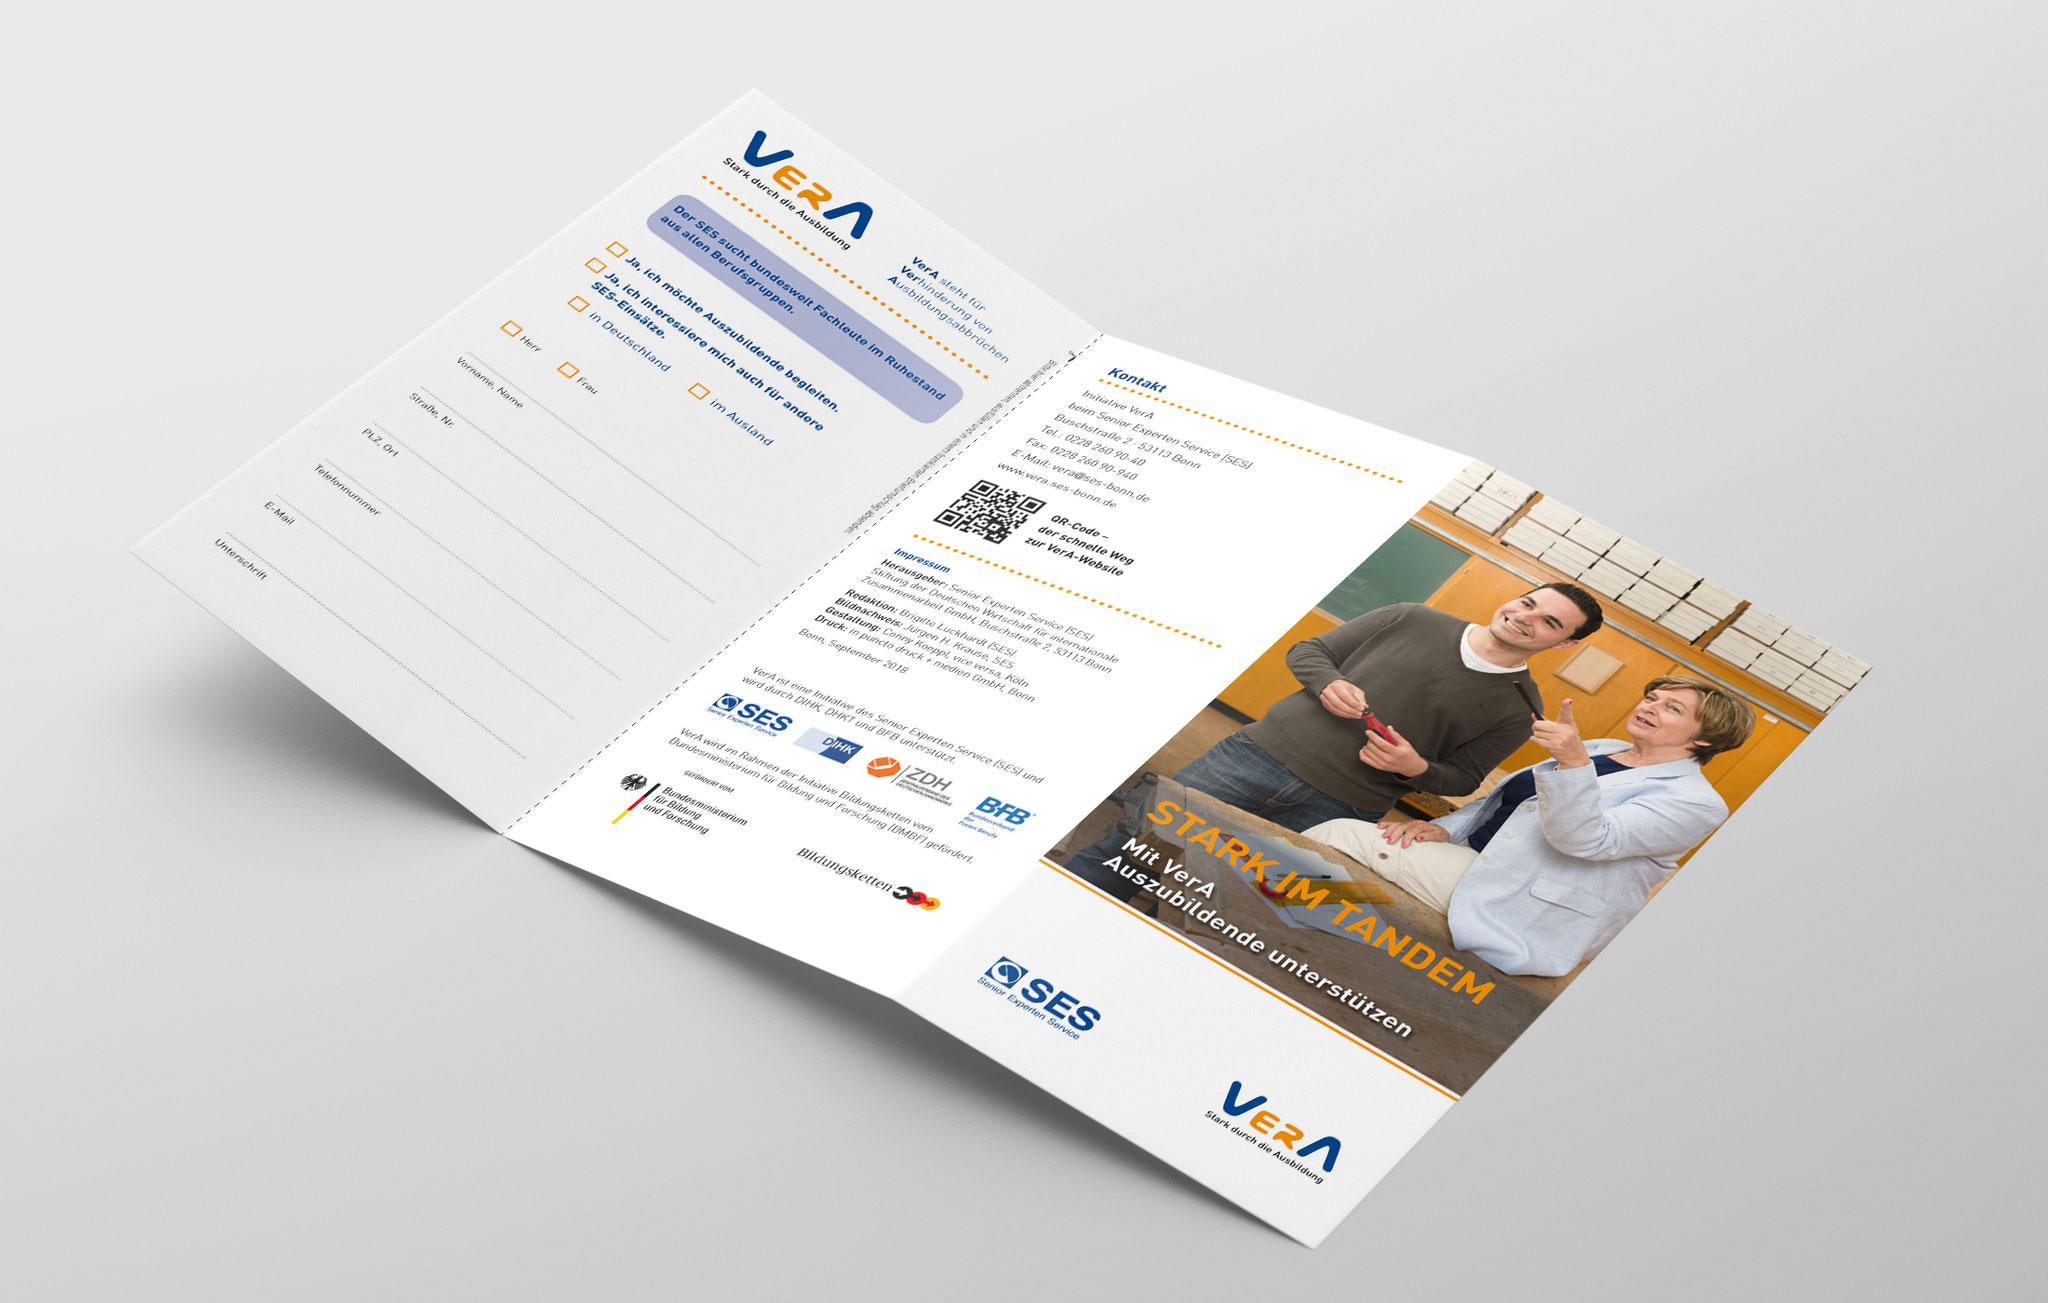 Faltblatt VerA für Senior-Experten, Außenseite